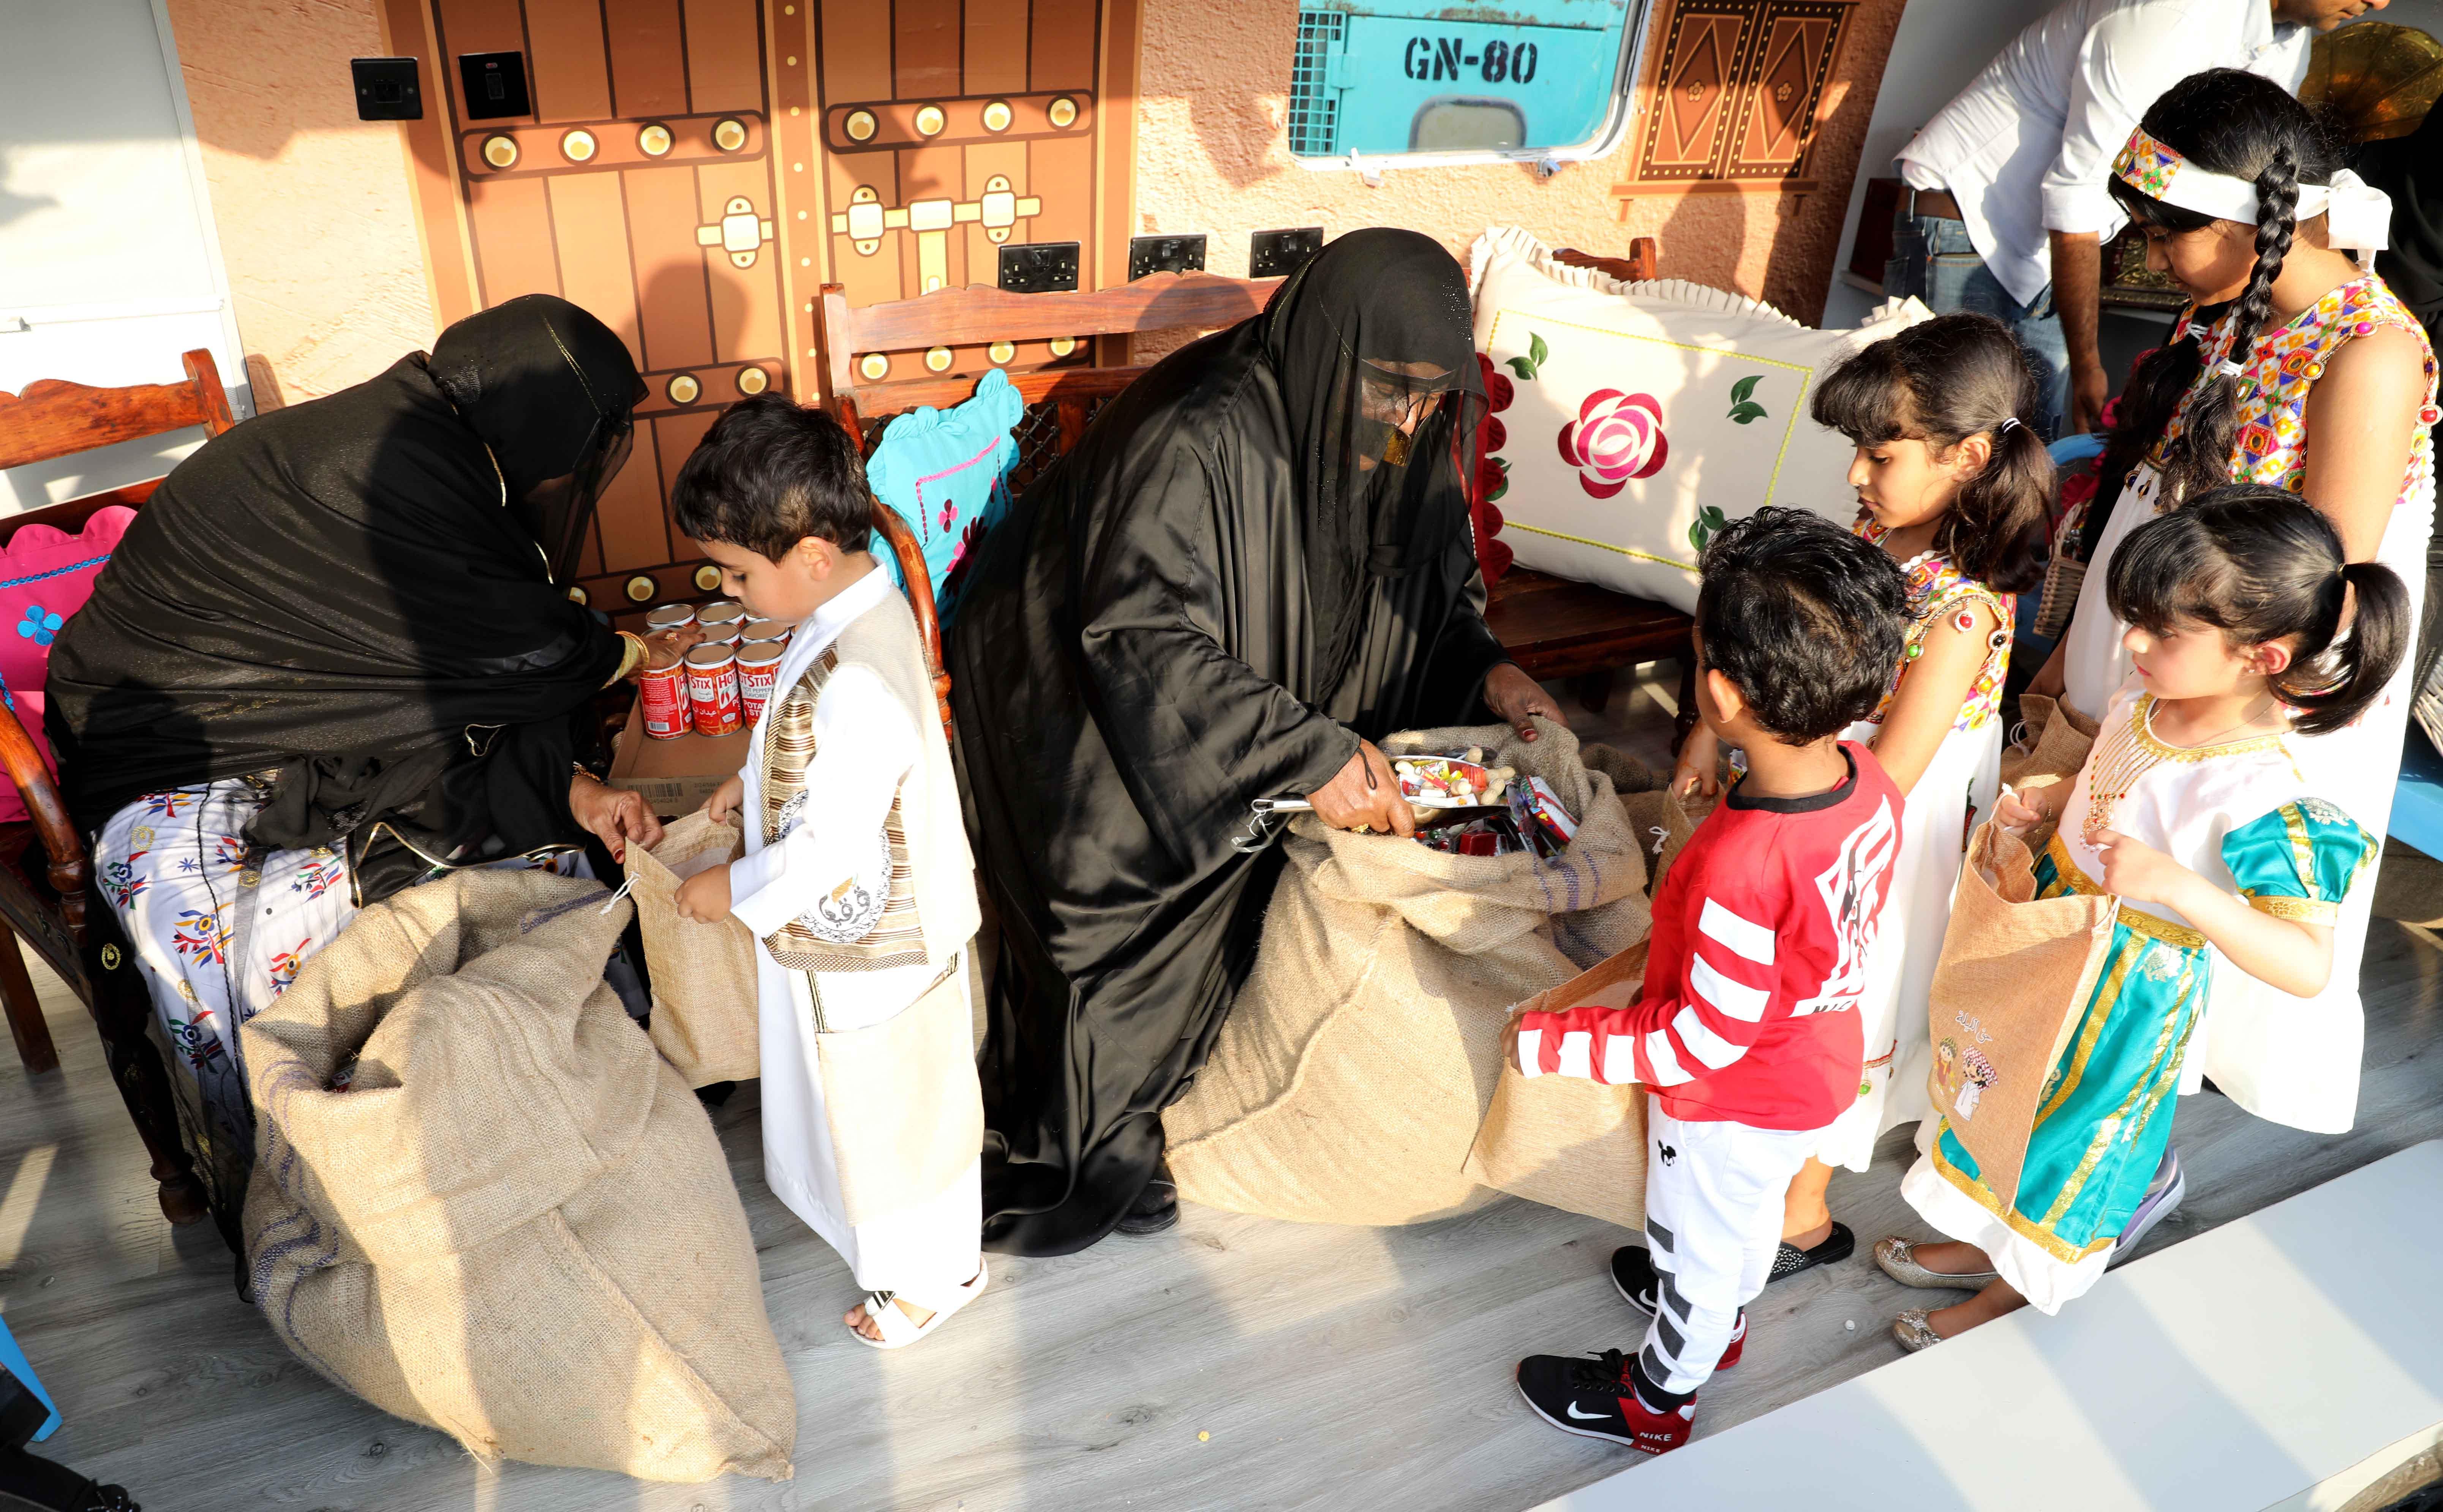 قافلة النصف من شعبان تحتفى بالتراث الشعبى وتجوب الإمارات (5)